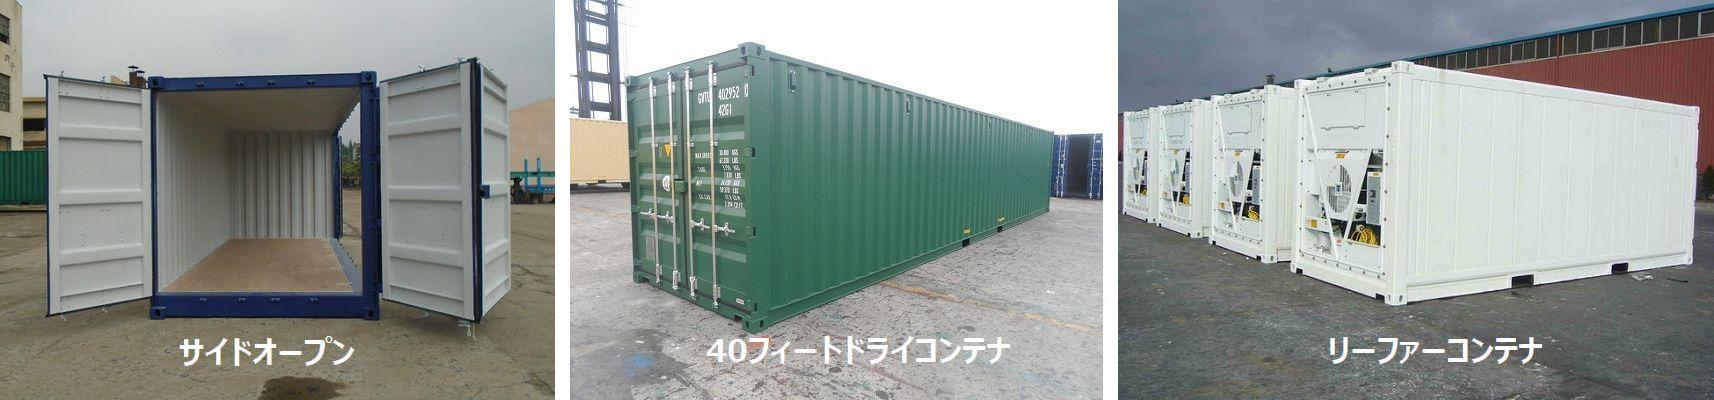 コンテナ販売のDAX 20フィートコンテナ 40フィートコンテナ サイドオープン 中古 新品 ドライコンテナ リーファーコンテナ